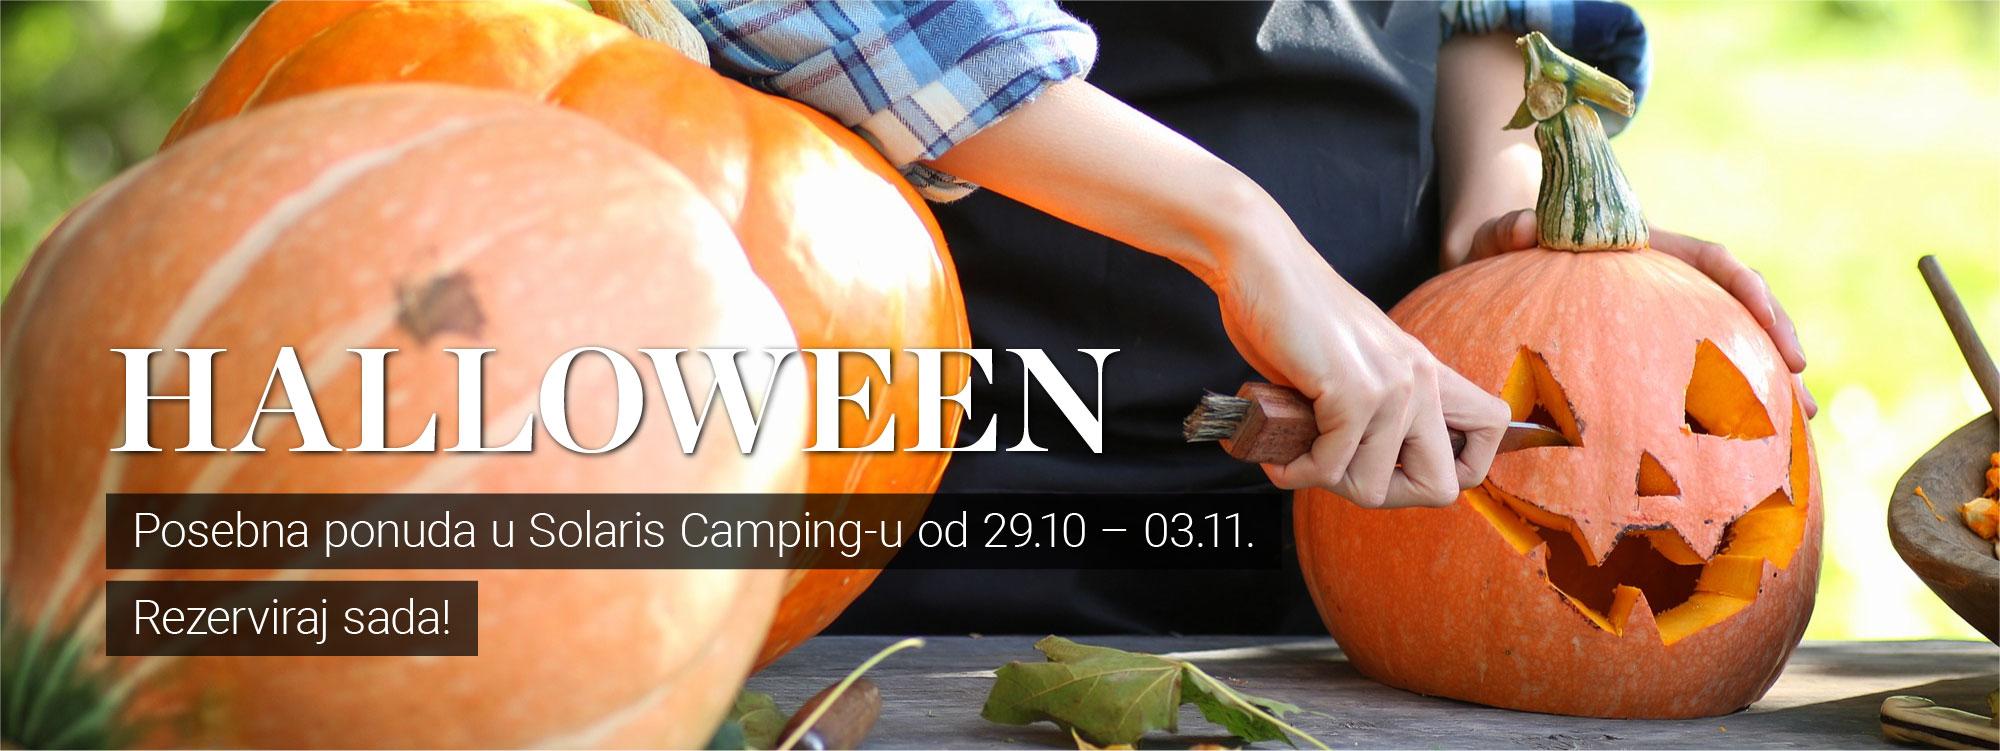 Web-slider-Halloween-2021-HR